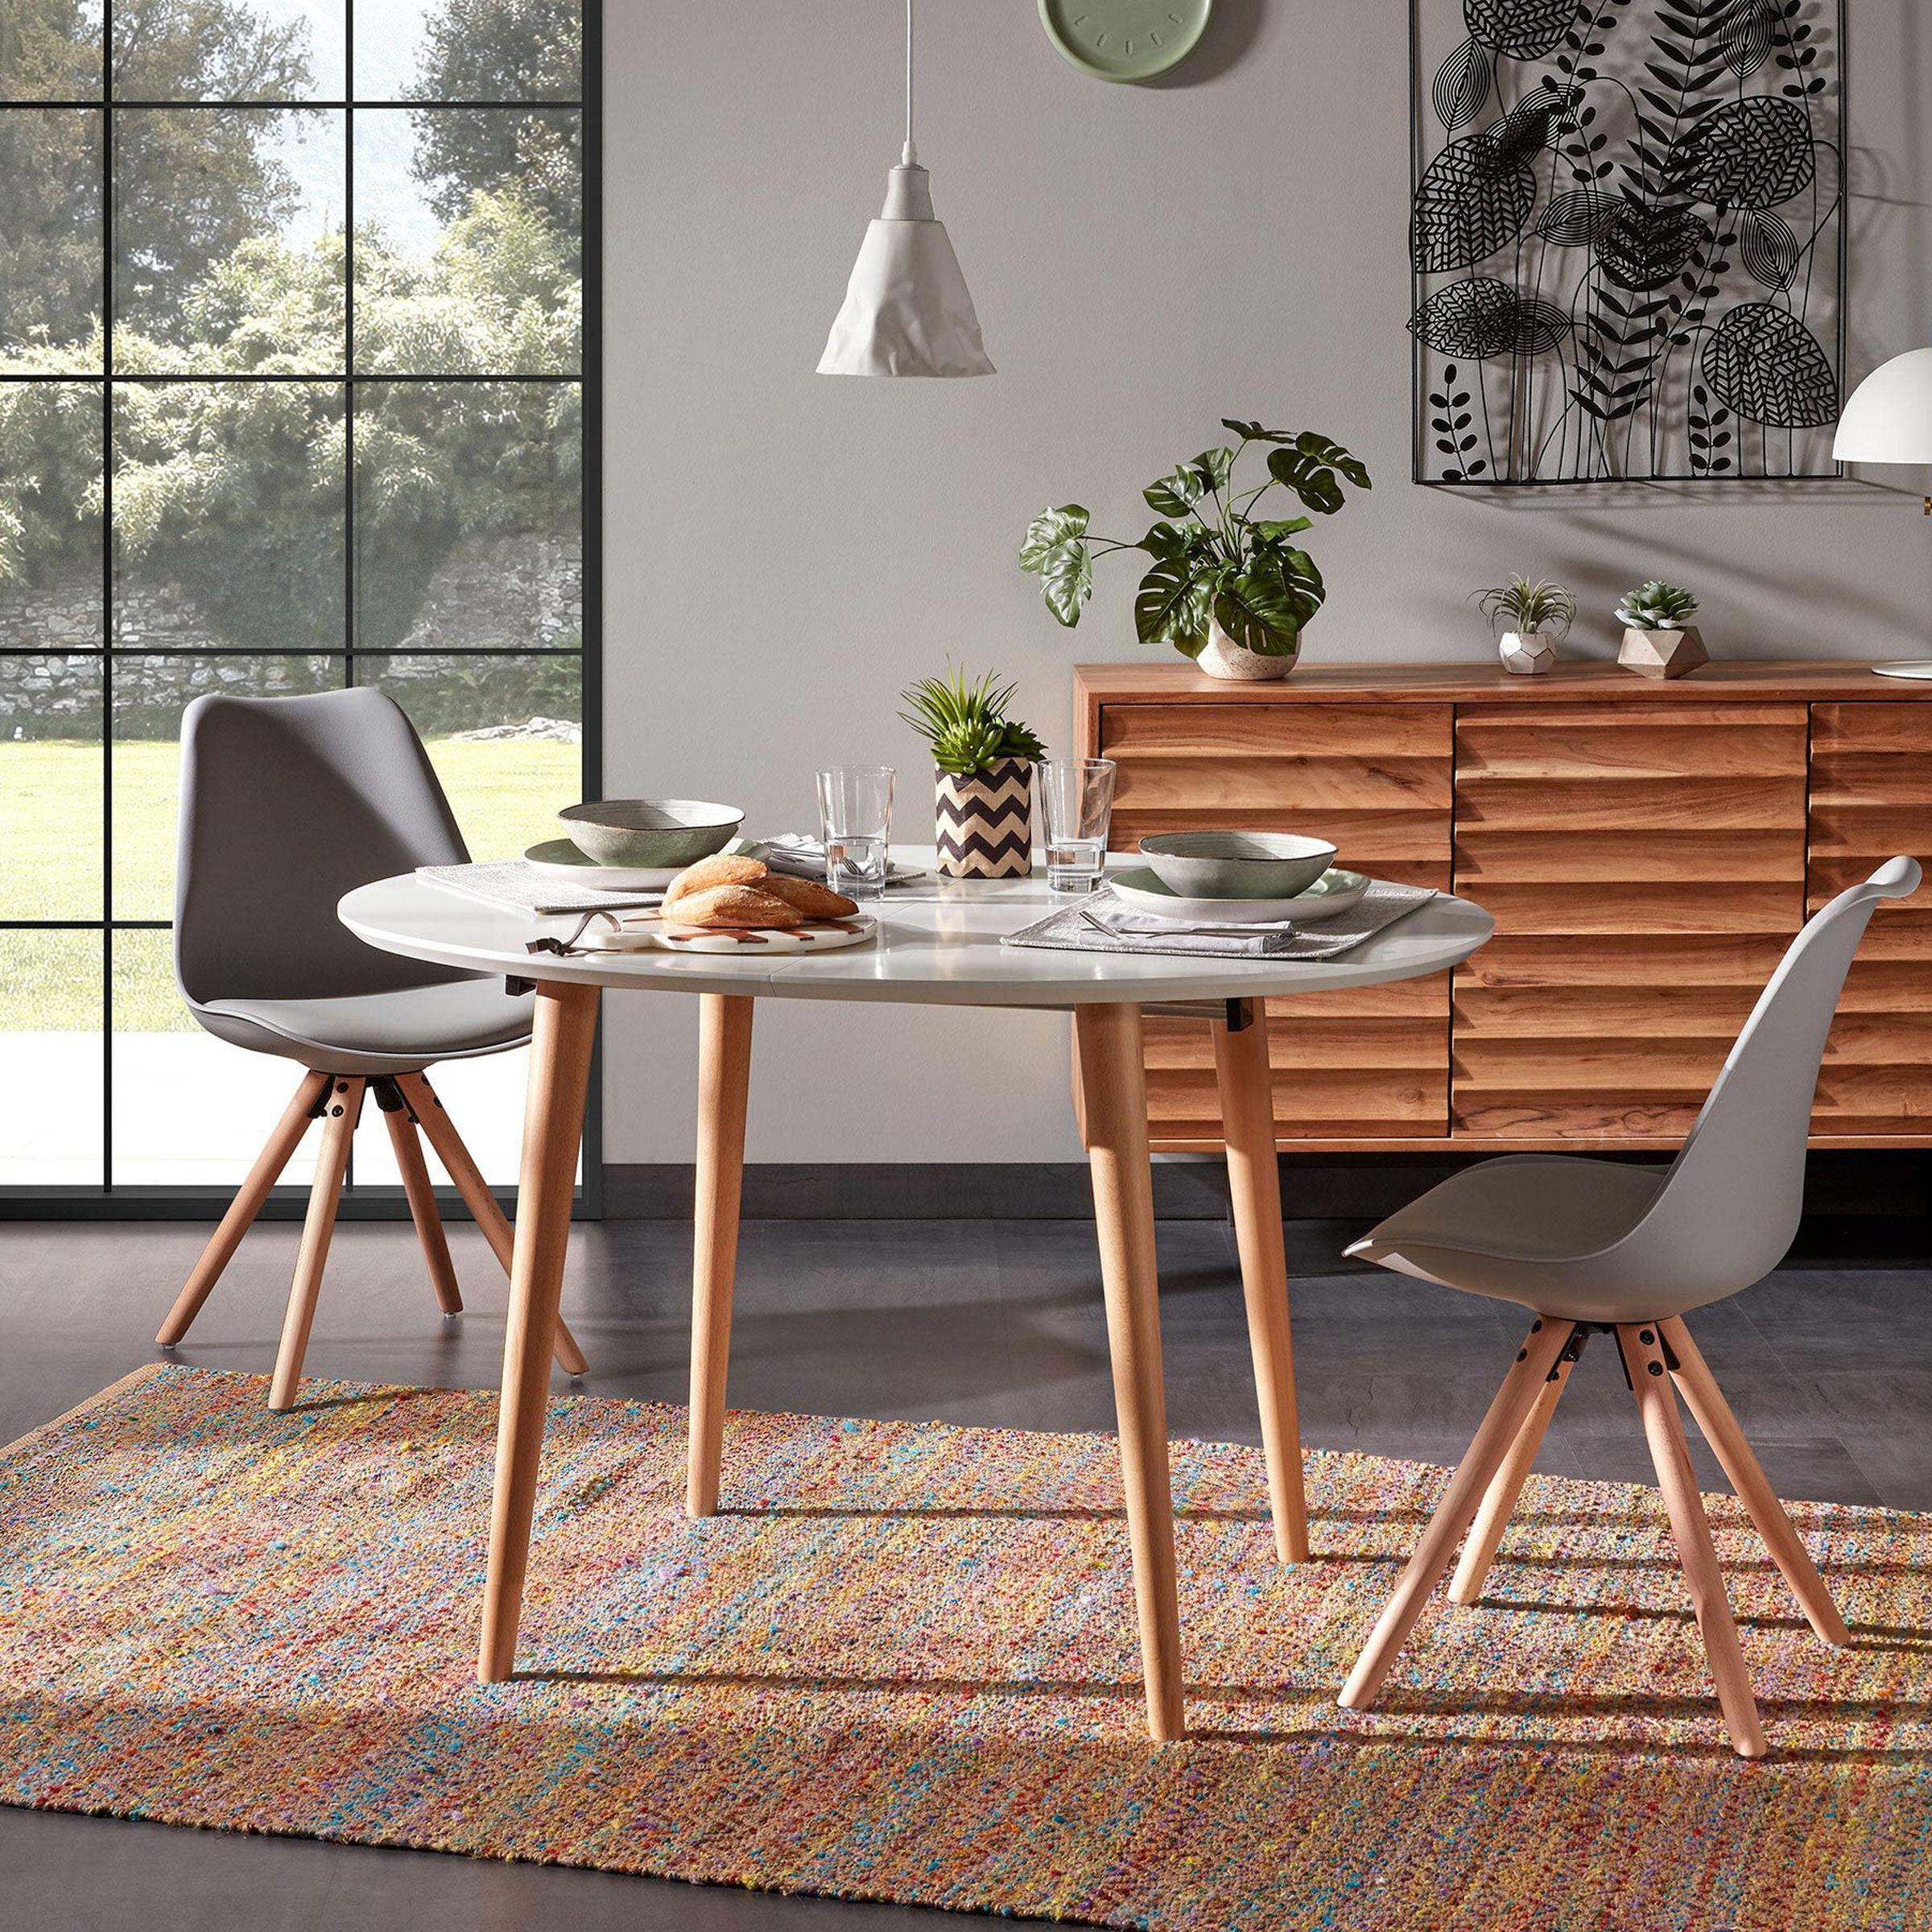 Kave Home Uitschuifbare Ronde Eettafel 'Oqui' 120 - 200 x 90cm, kleur Wit